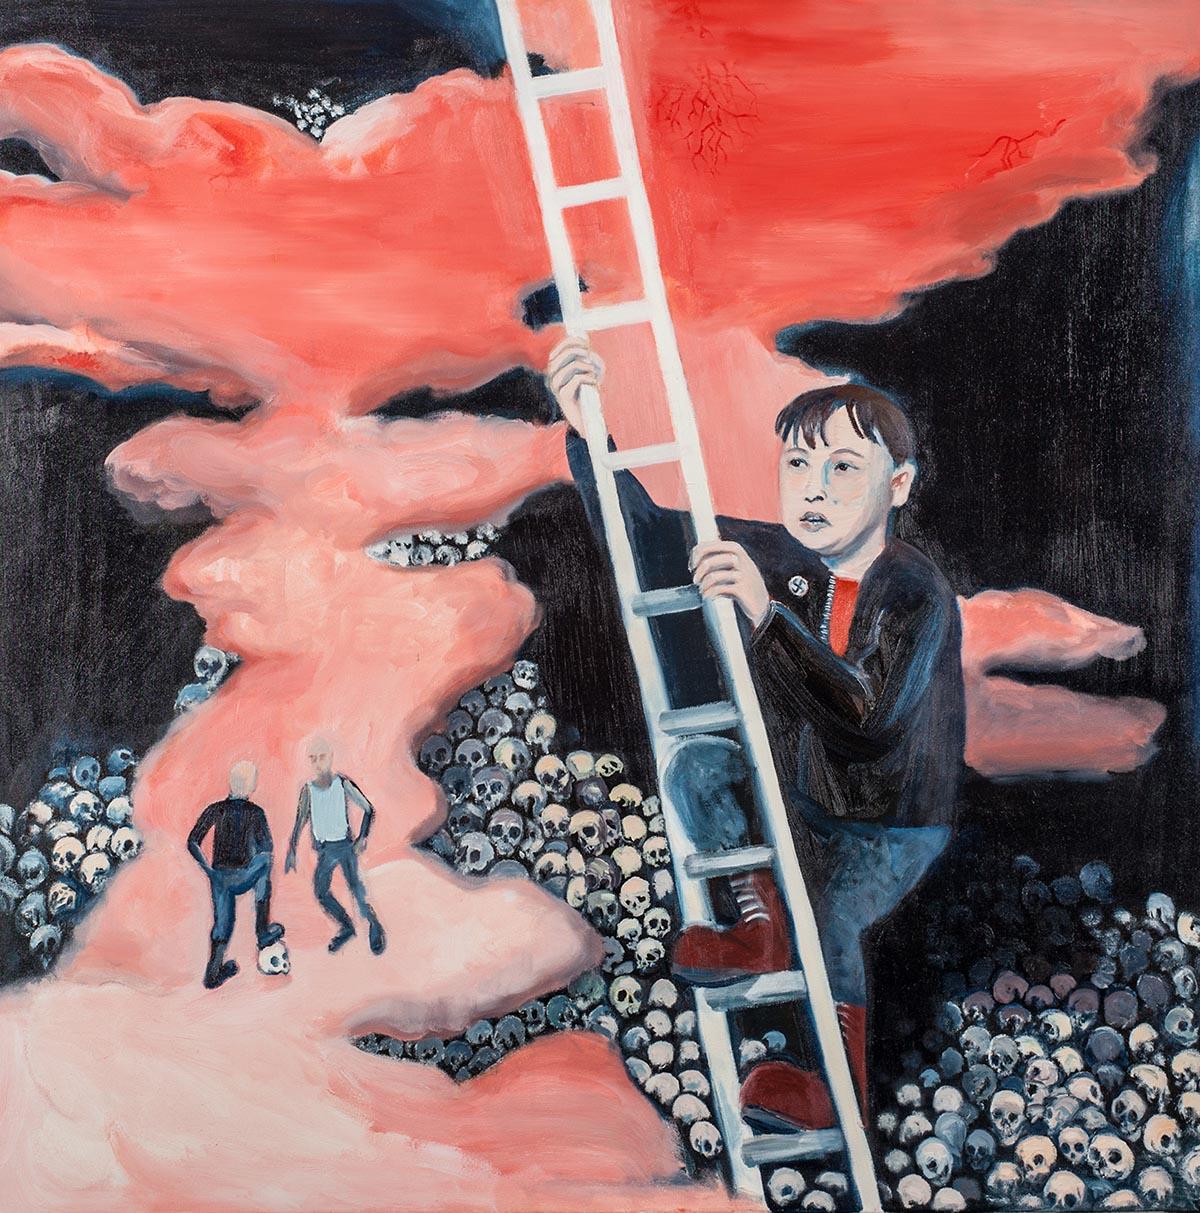 """Michał Gątarek, """"Deliryczne wniebowstąpienie"""", 2013, olej napłótnie, 110 x 110 cm"""